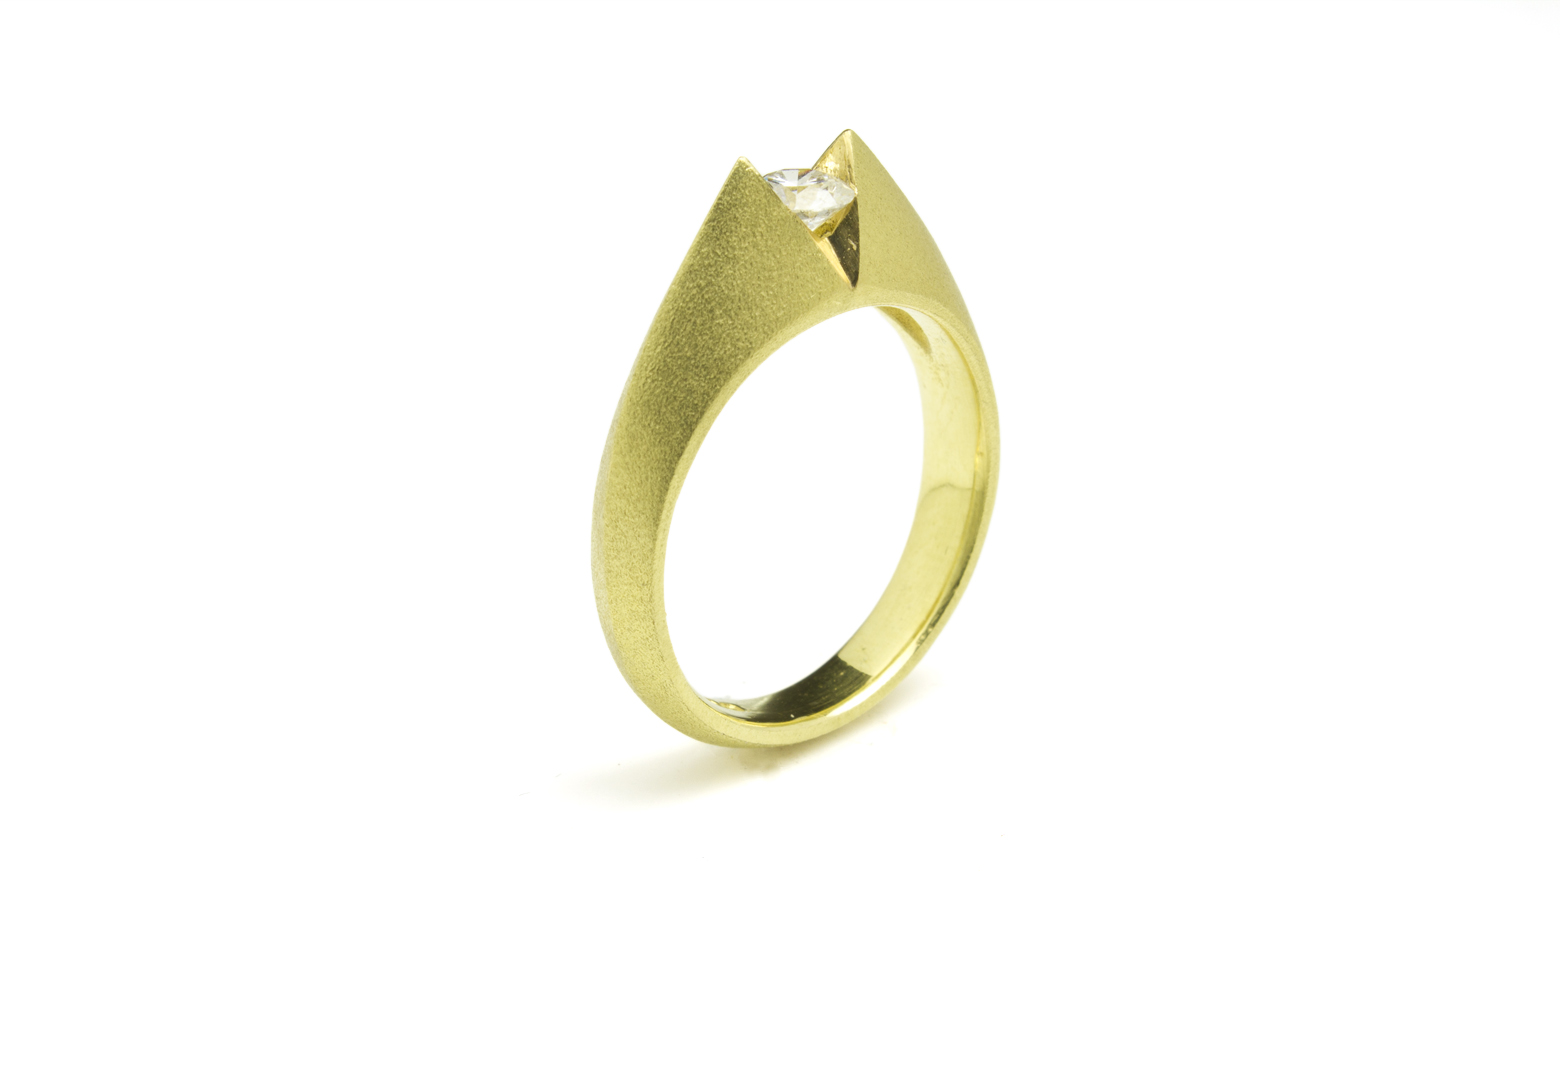 ART 'V' Round Diamond Ring